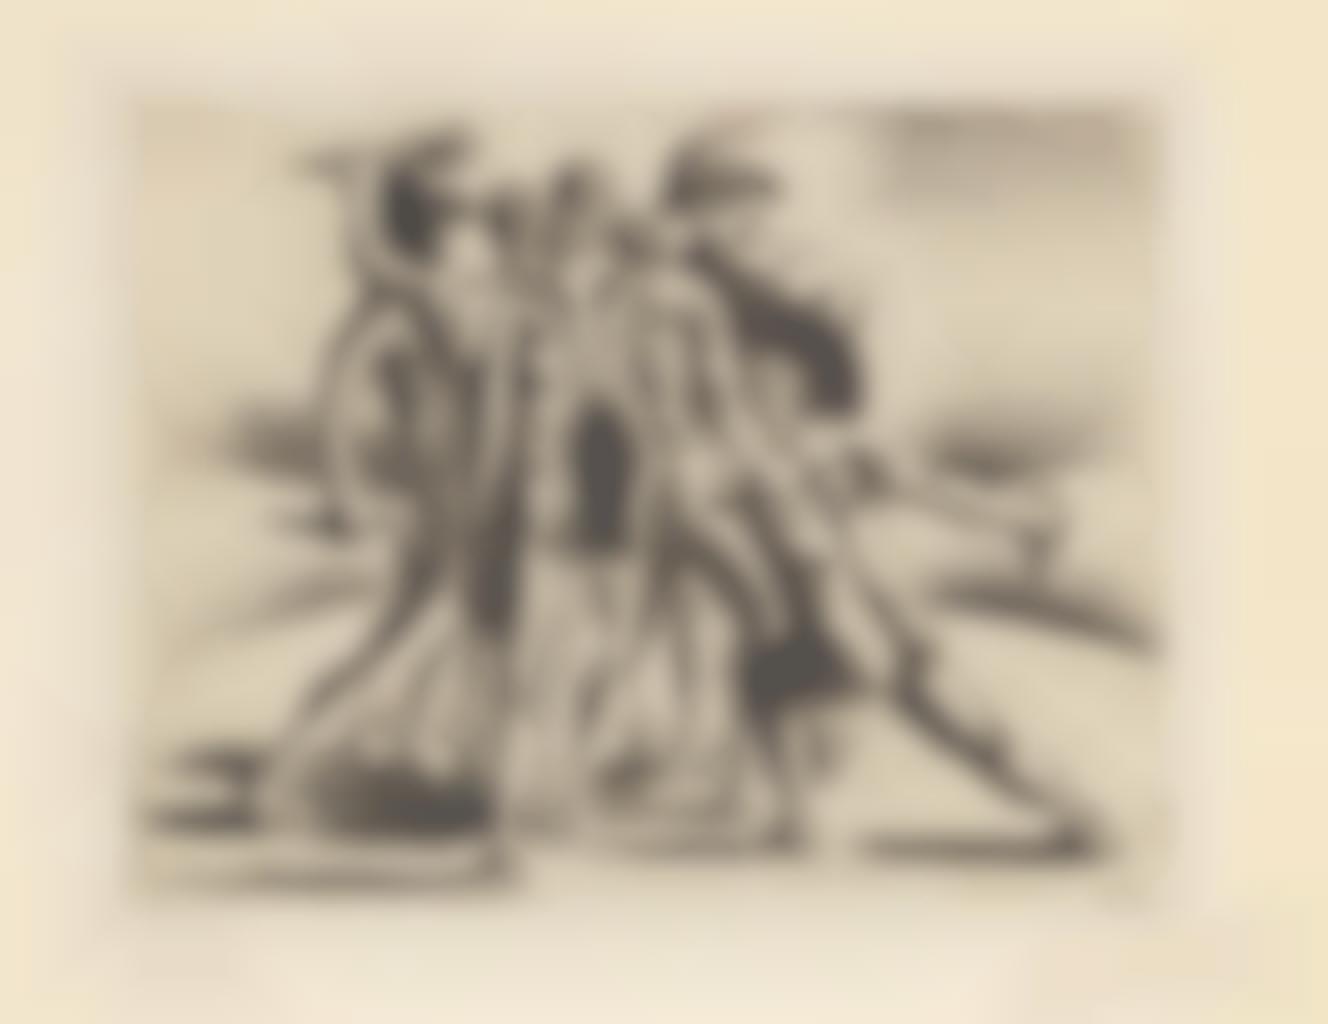 Giorgio de Chirico-Combattimento di Gladiatori, from Jean Cocteau Le Mystere Laic-1928